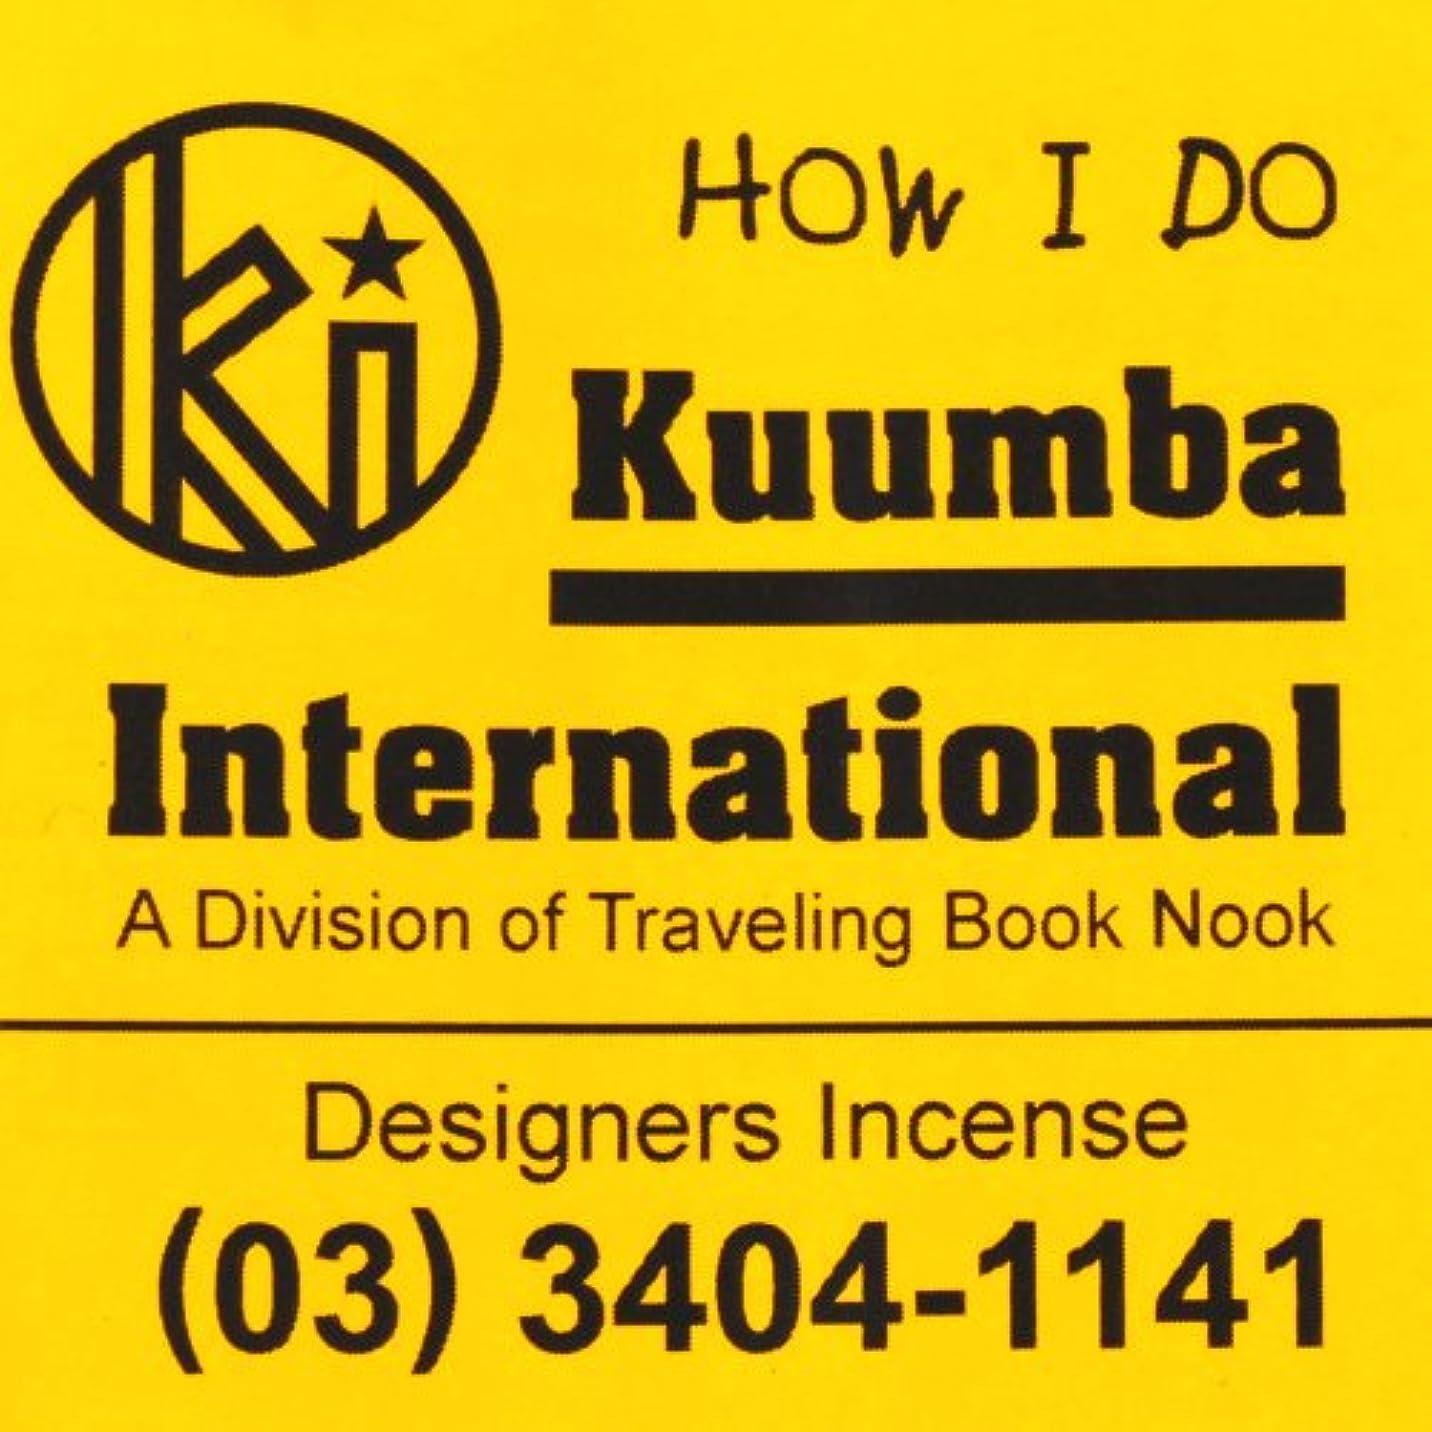 補充オーブンぞっとするような(クンバ) KUUMBA『classic regular incense』(HOW I DO) (Regular size)